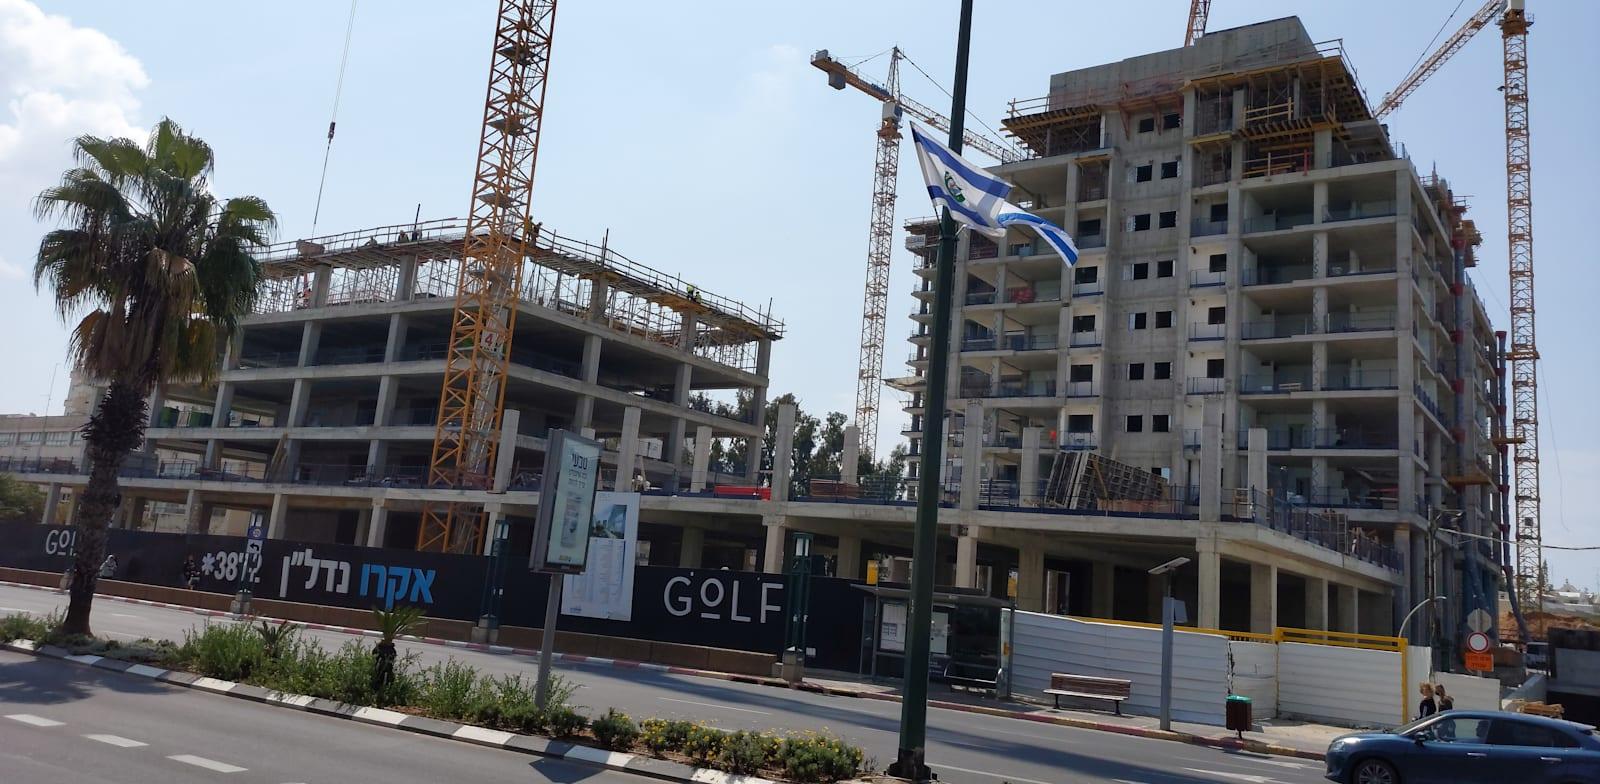 פינוי-בינוי ברחוב רוזן 57 בתל אביב / צילום: איל יצהר